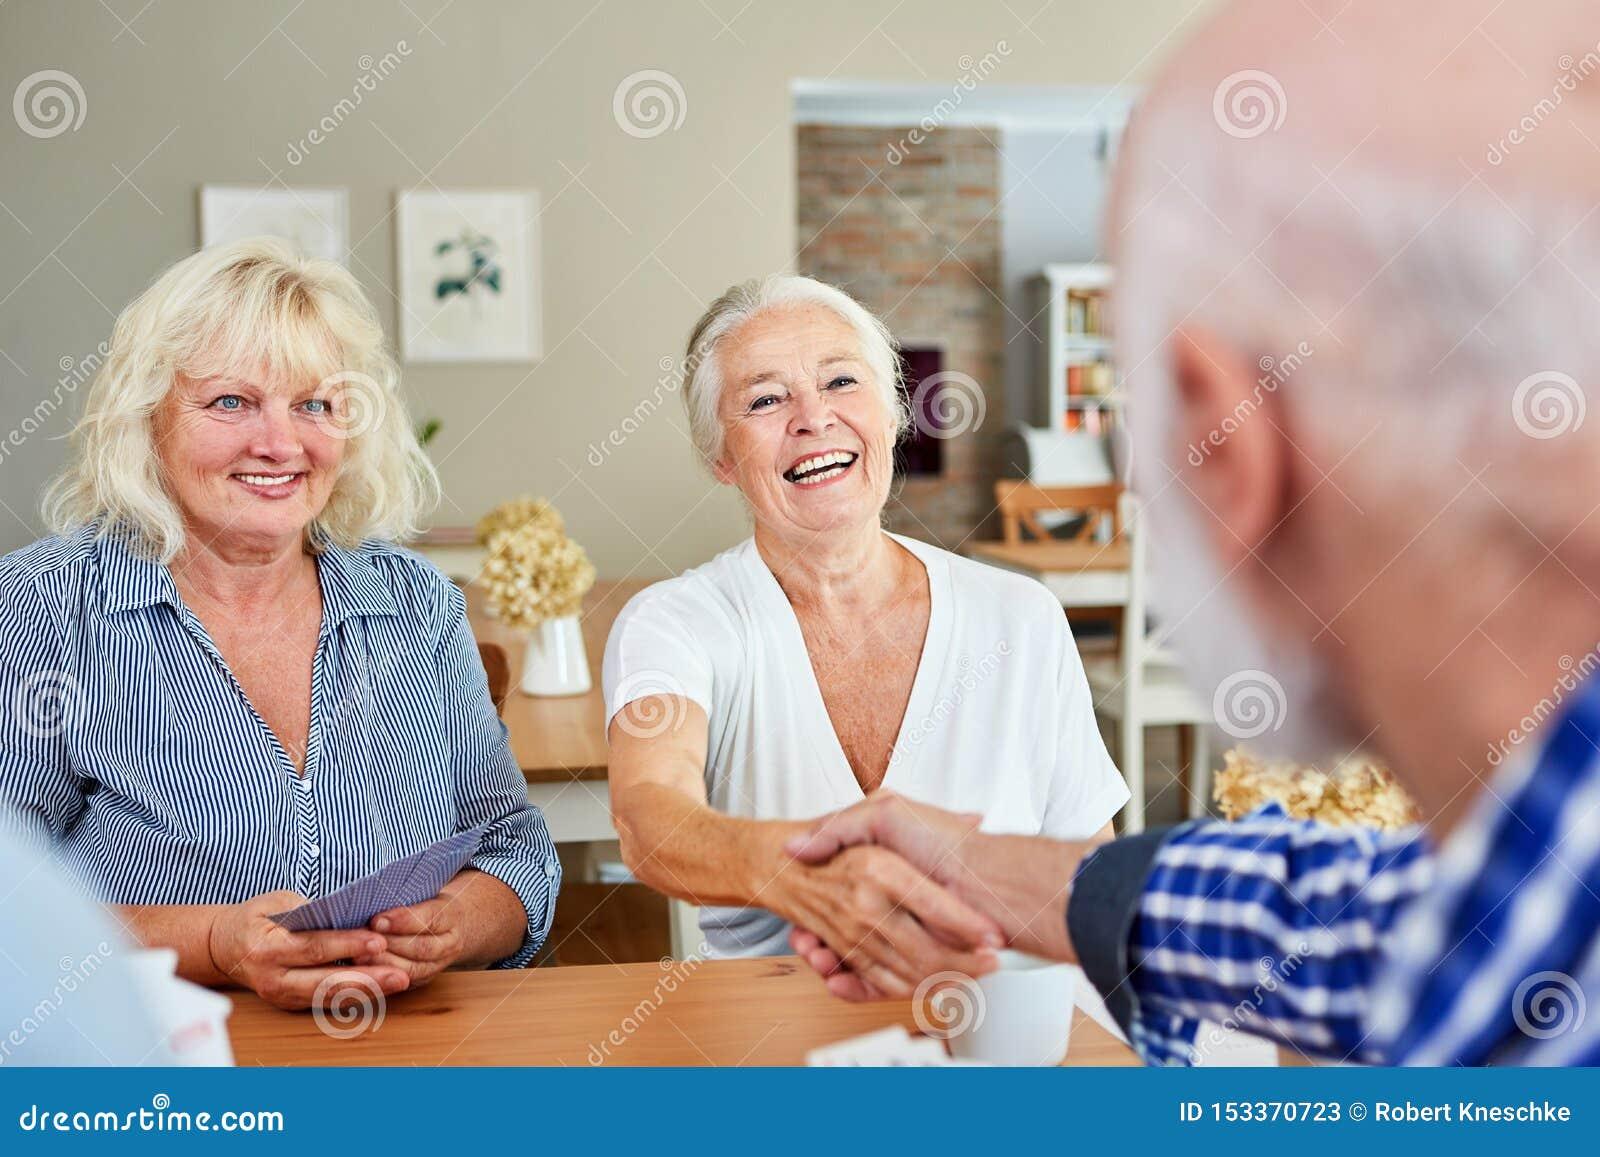 Ο ανώτερος άνδρας καλωσορίζει την ανώτερη γυναίκα με τη χειραψία